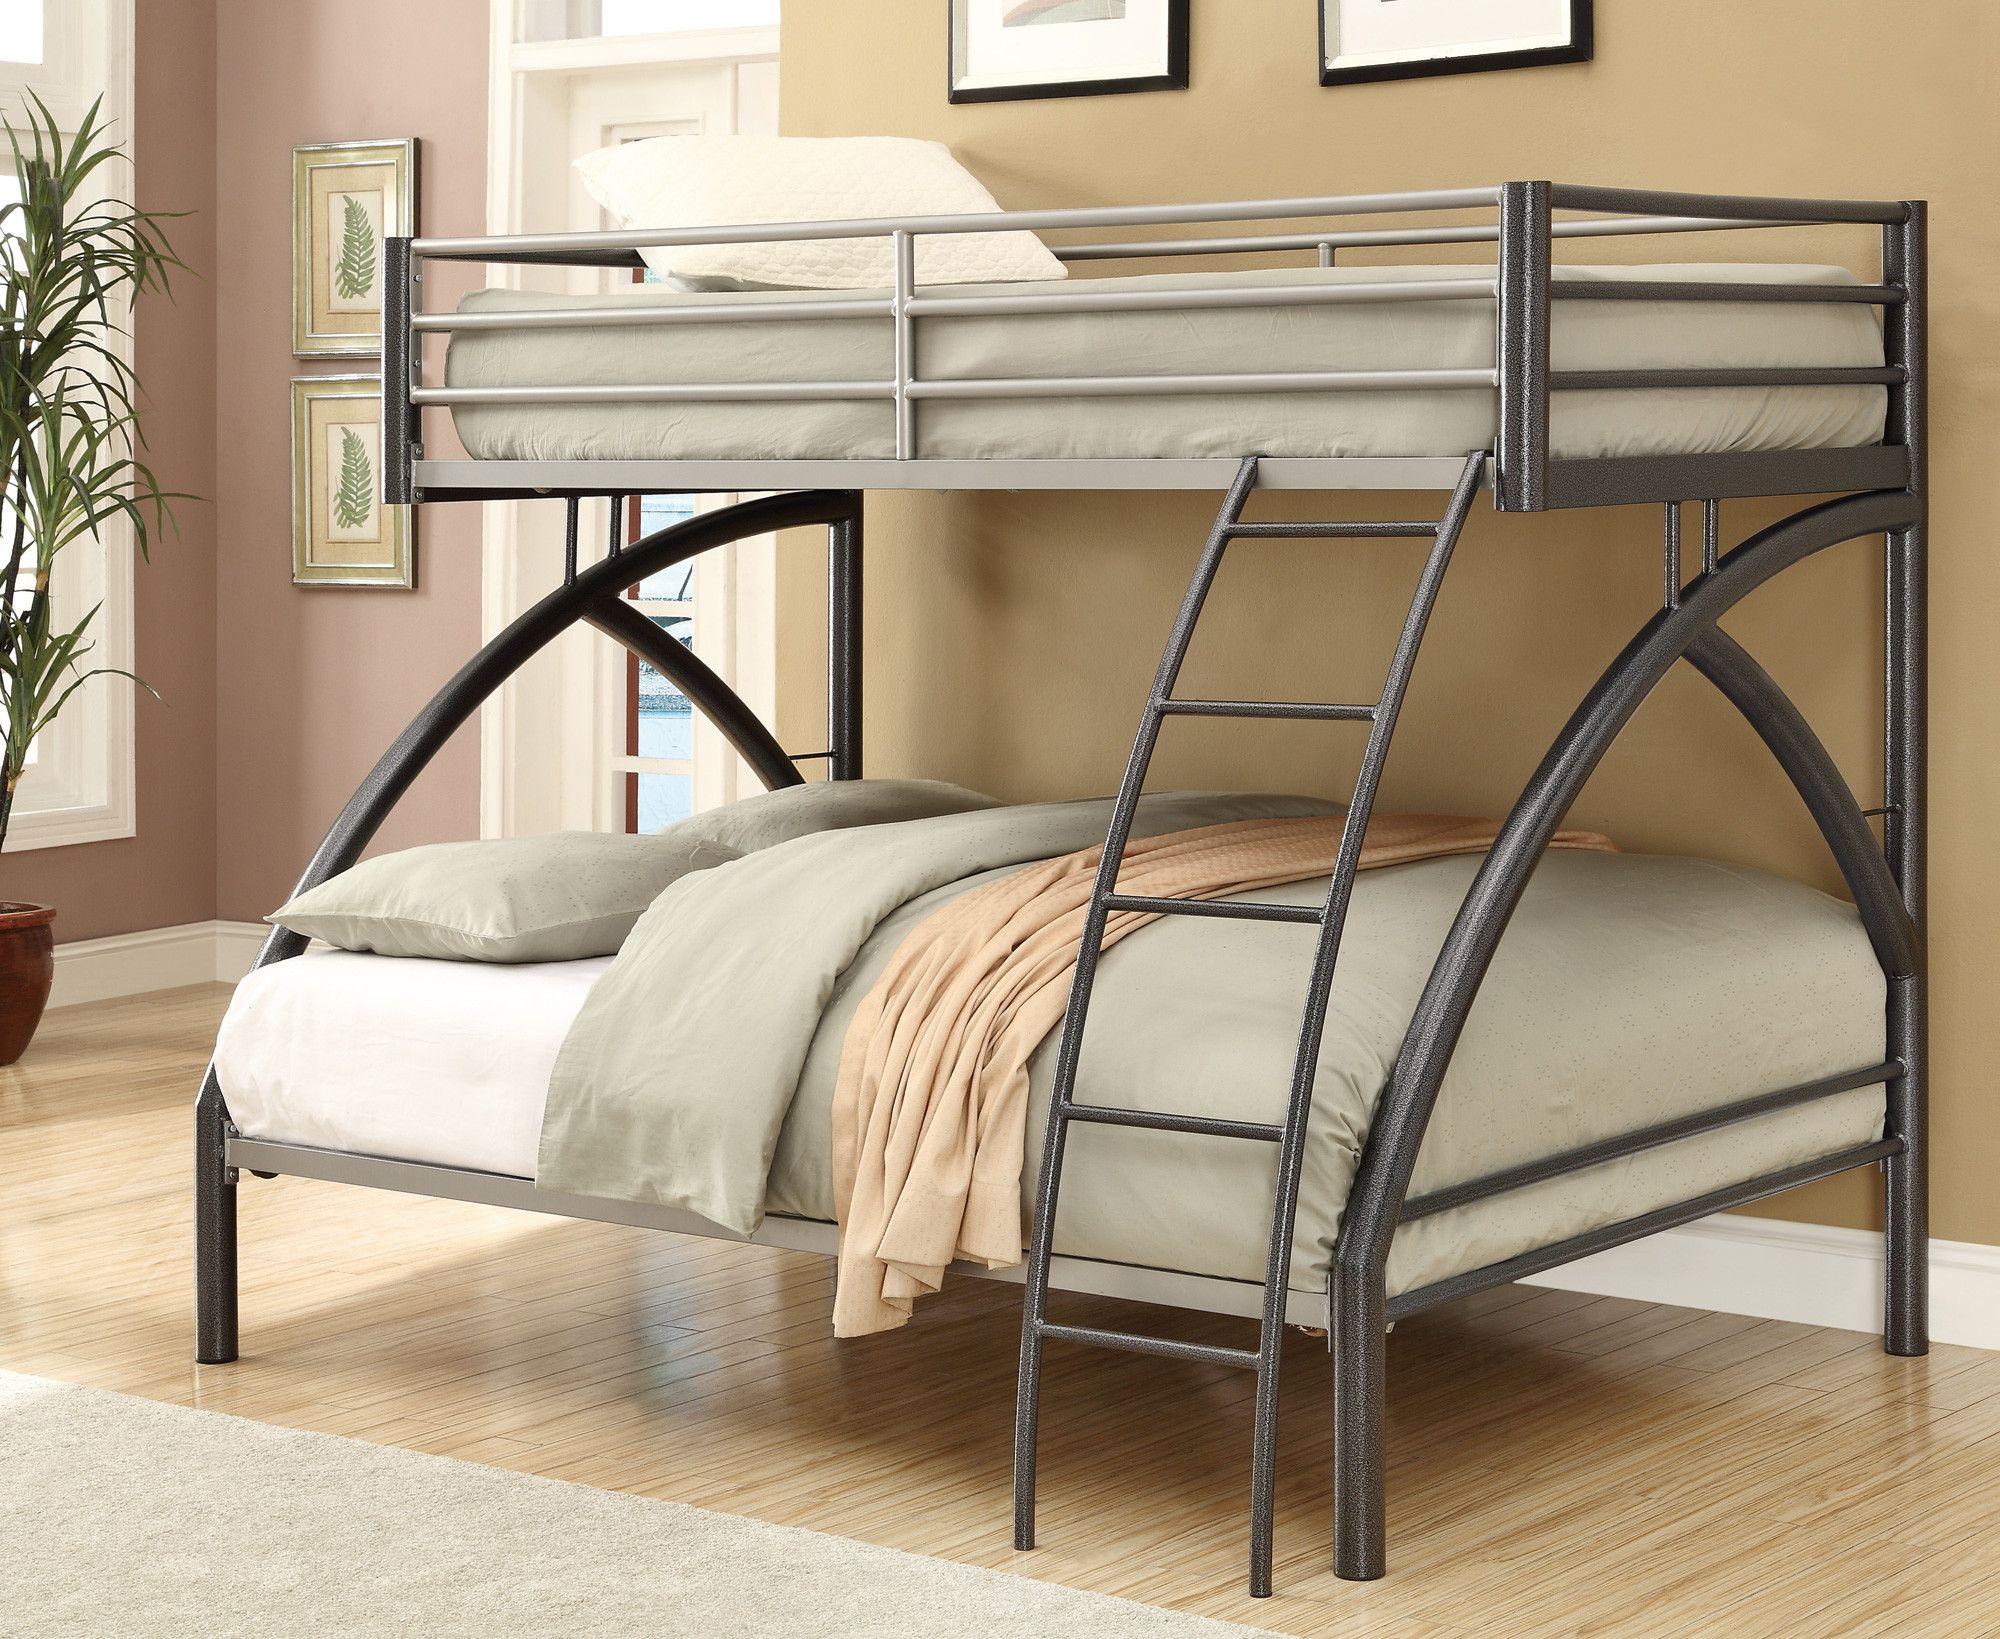 Etagenbett Wayfair : Twin over full bunk bed in 2018 camarotes pinterest